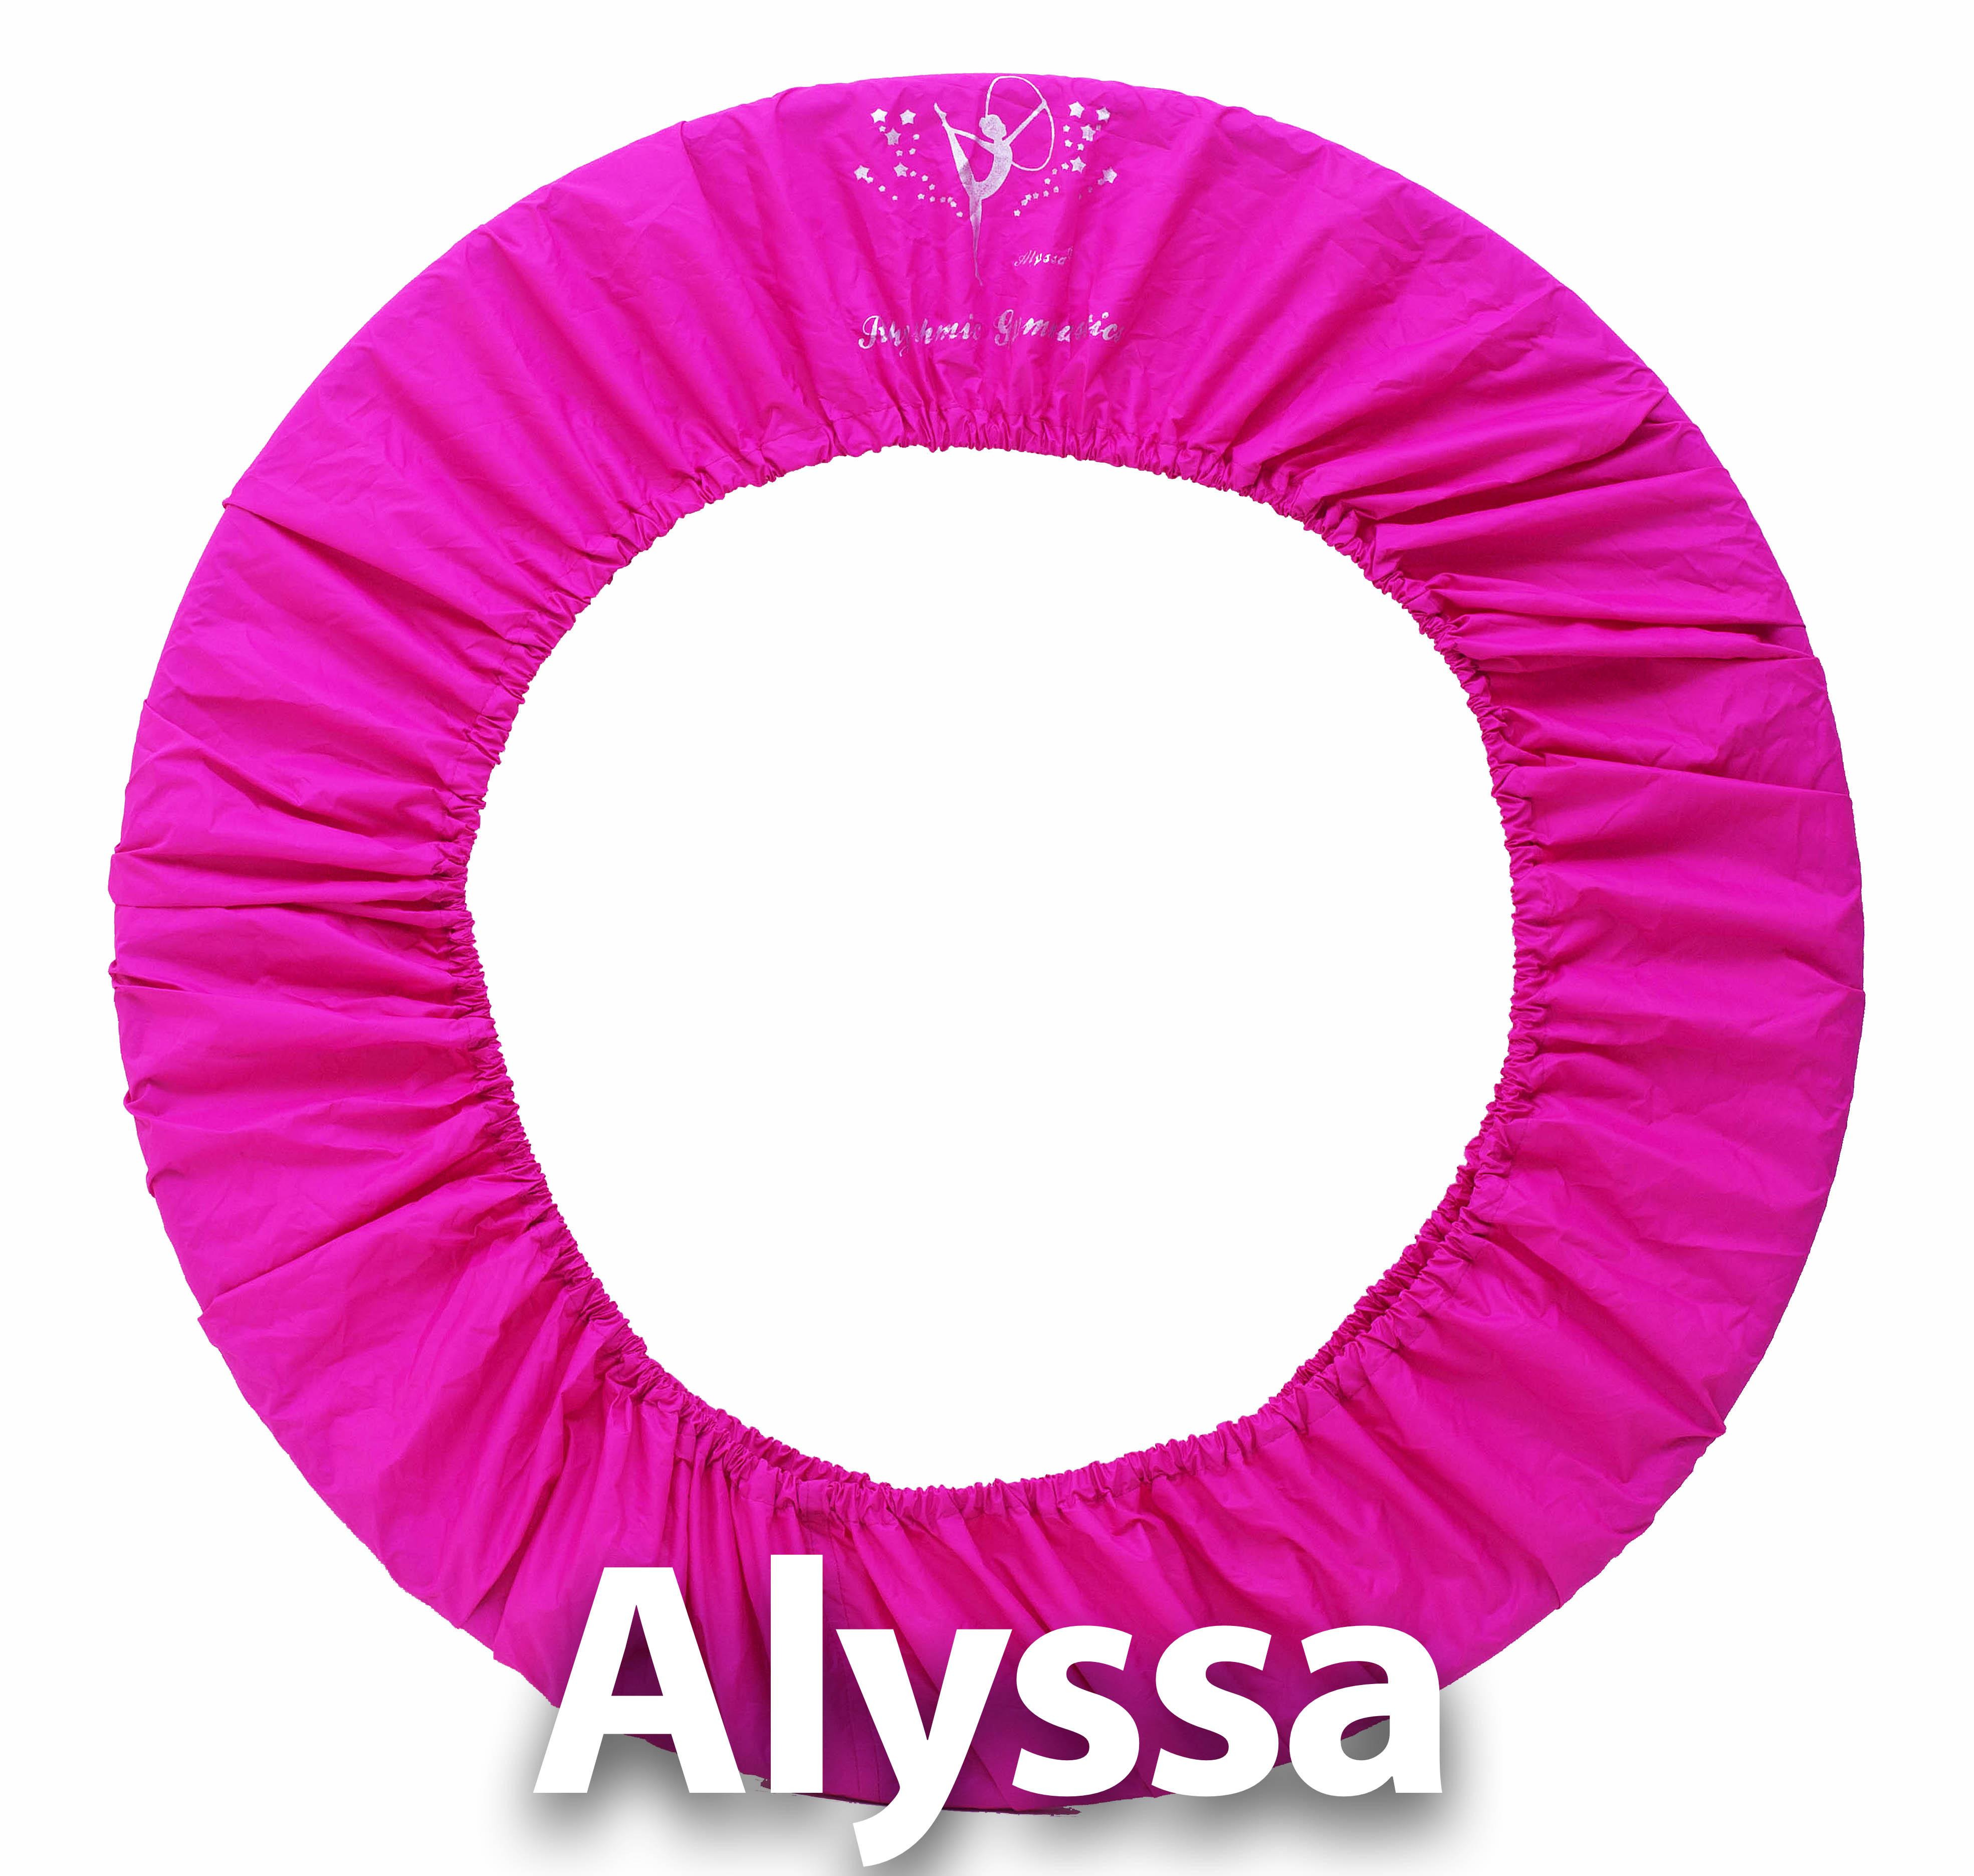 Alyssa Art Gymnastics Circle Cover - Персик розовый ( универсальный 60-90cm)